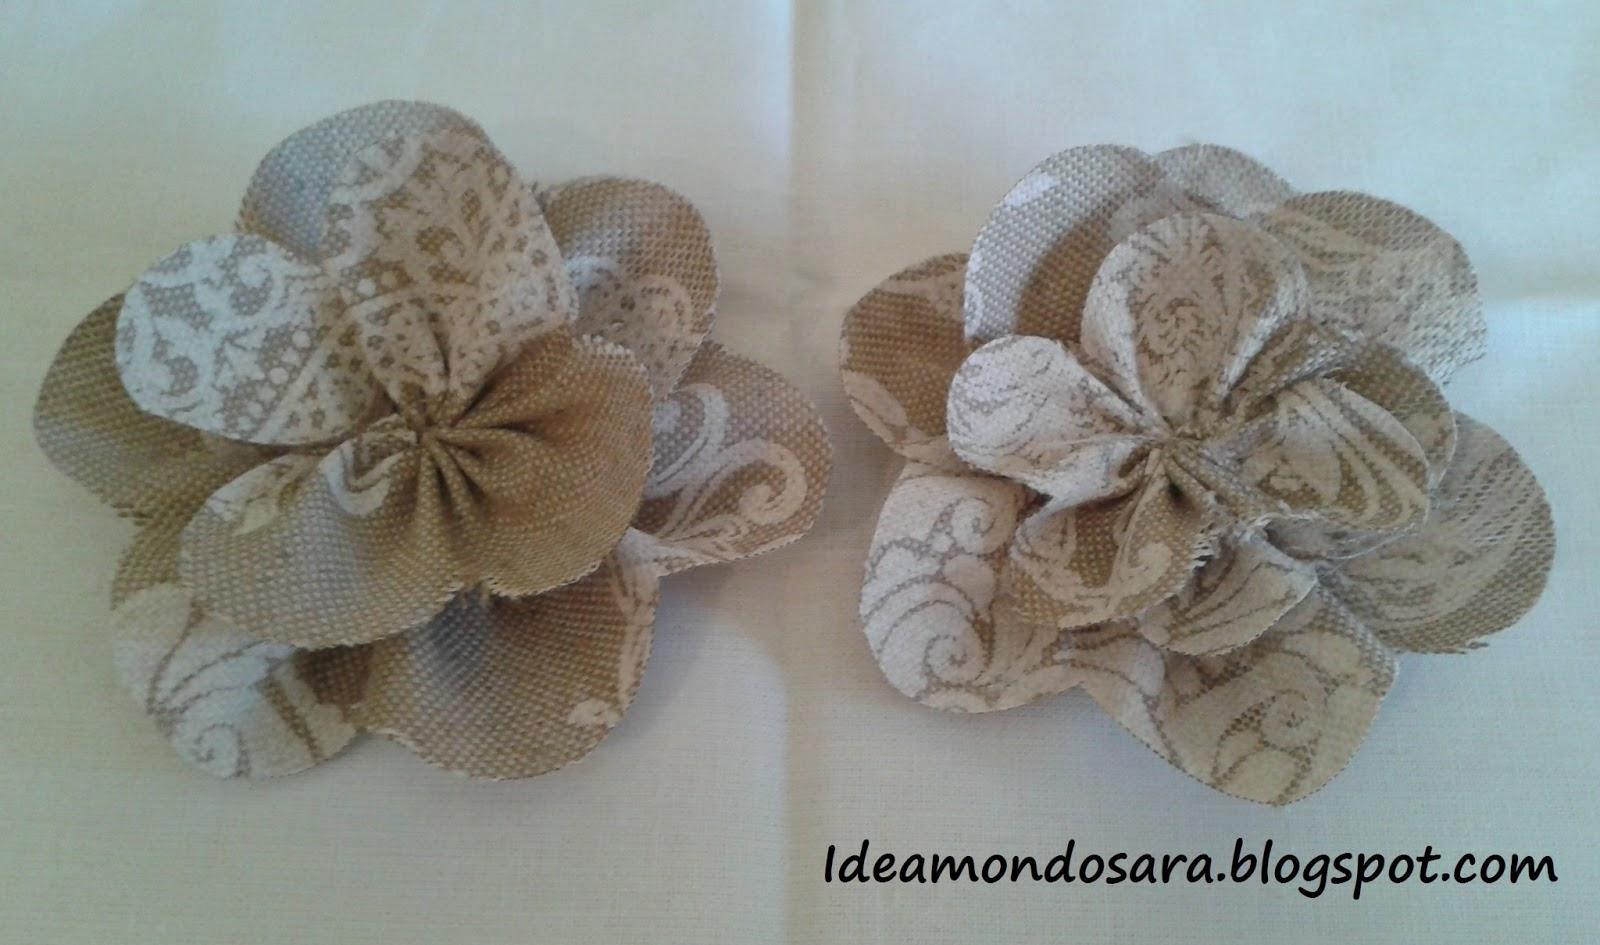 Idea mondo sara tutorial fiori di stoffa for Fiori di stoffa shabby chic